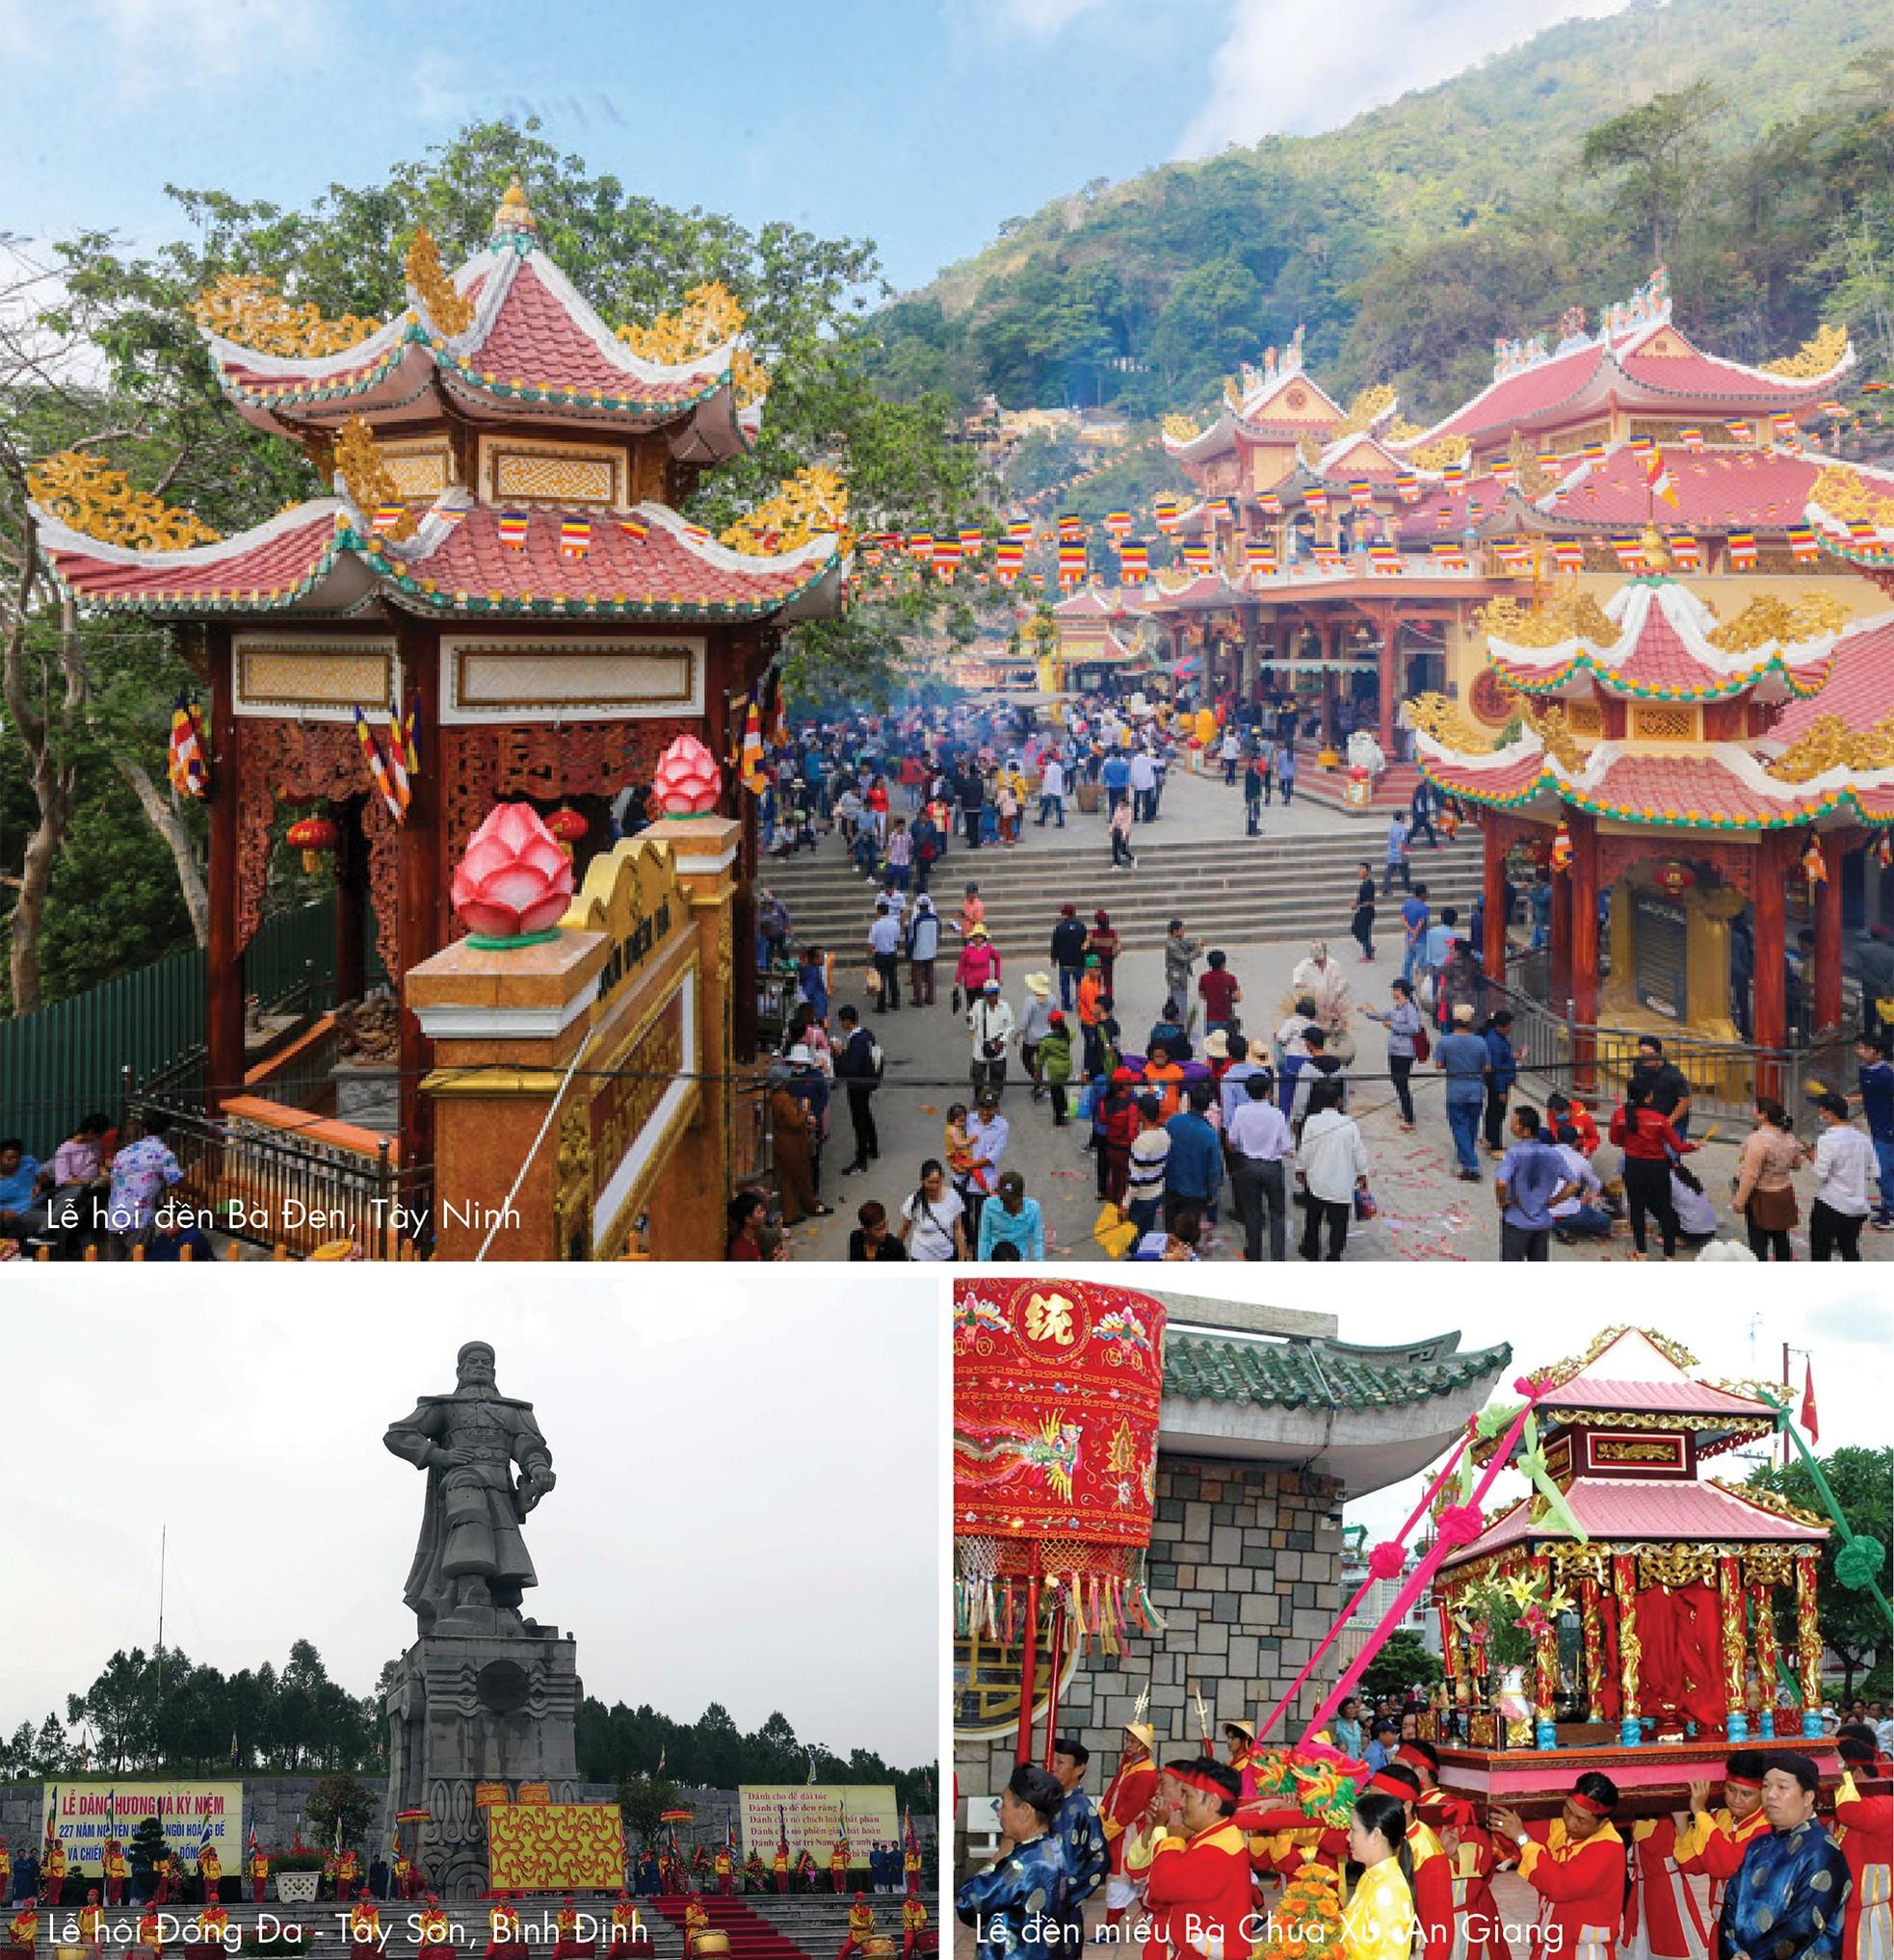 Những lễ hội đầu Xuân được mong đợi nhất trong dịp tết Nguyên Đán ảnh 4